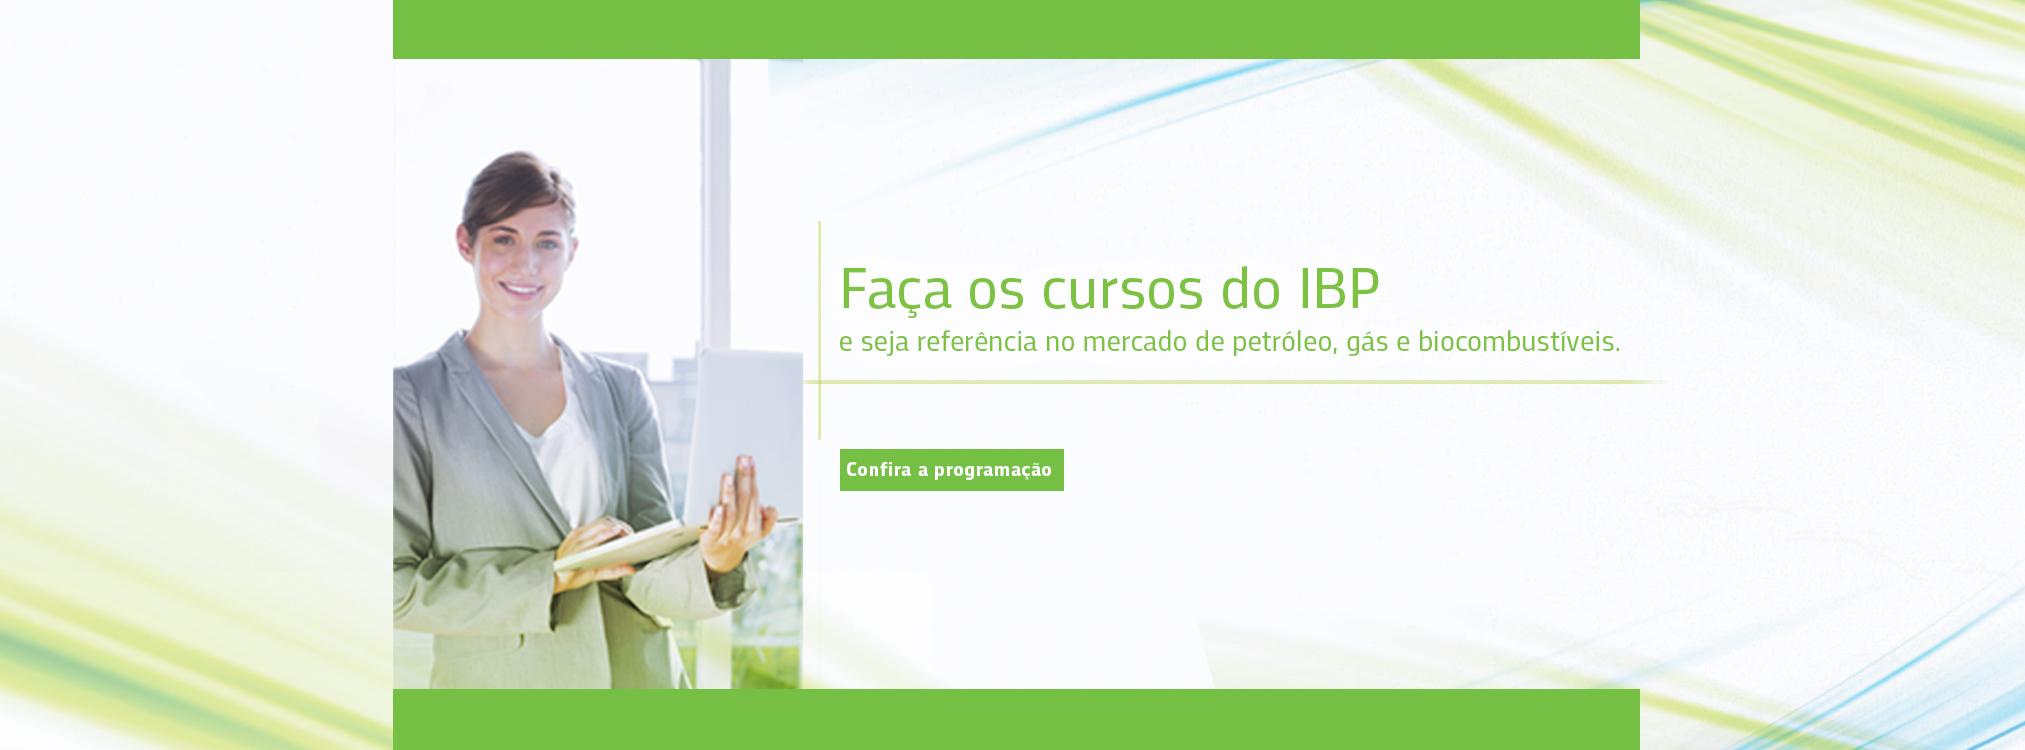 IBP_Job51_Home_Cursos_2025x750px